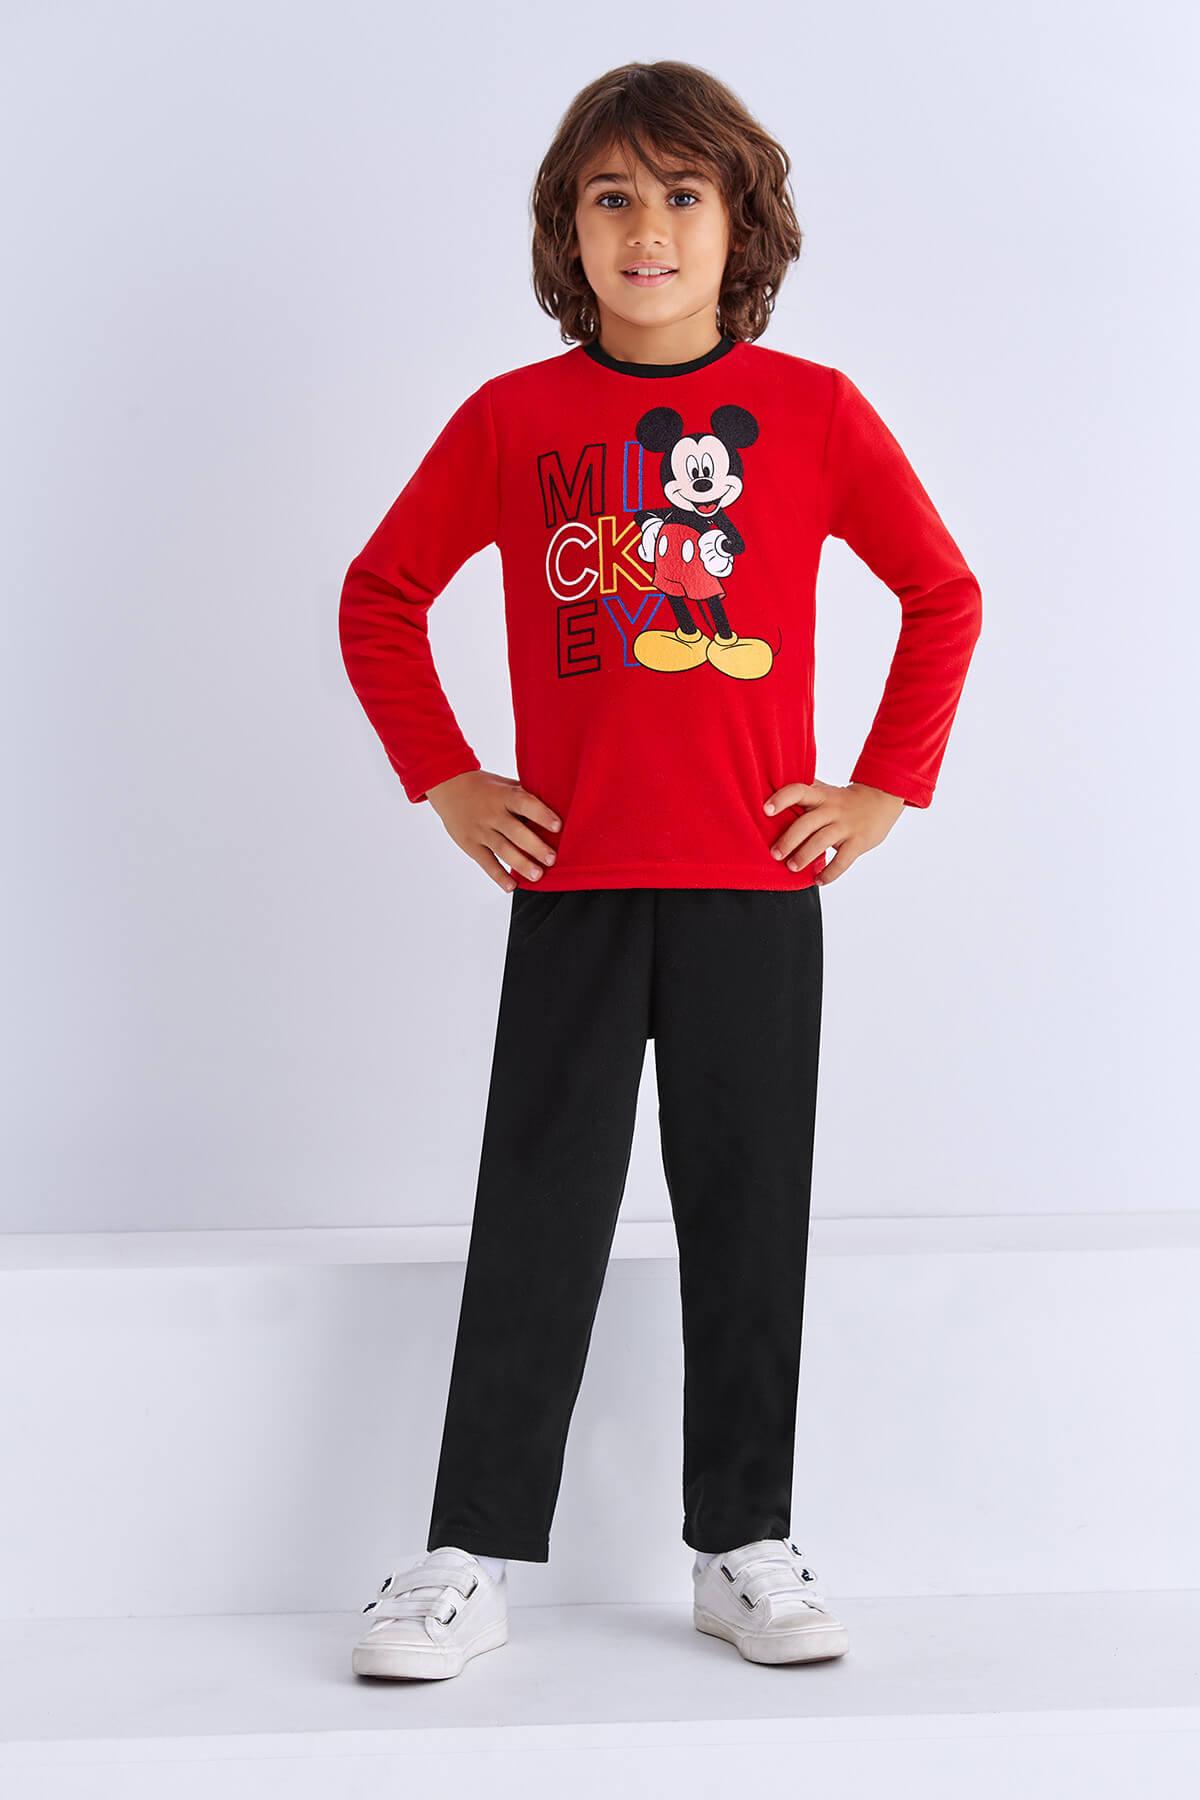 Mickey Mouse Mickey & Minnie Mouse Lisanslı Erkek Çocuk Pijama Takımı Açık Kırmızı 1